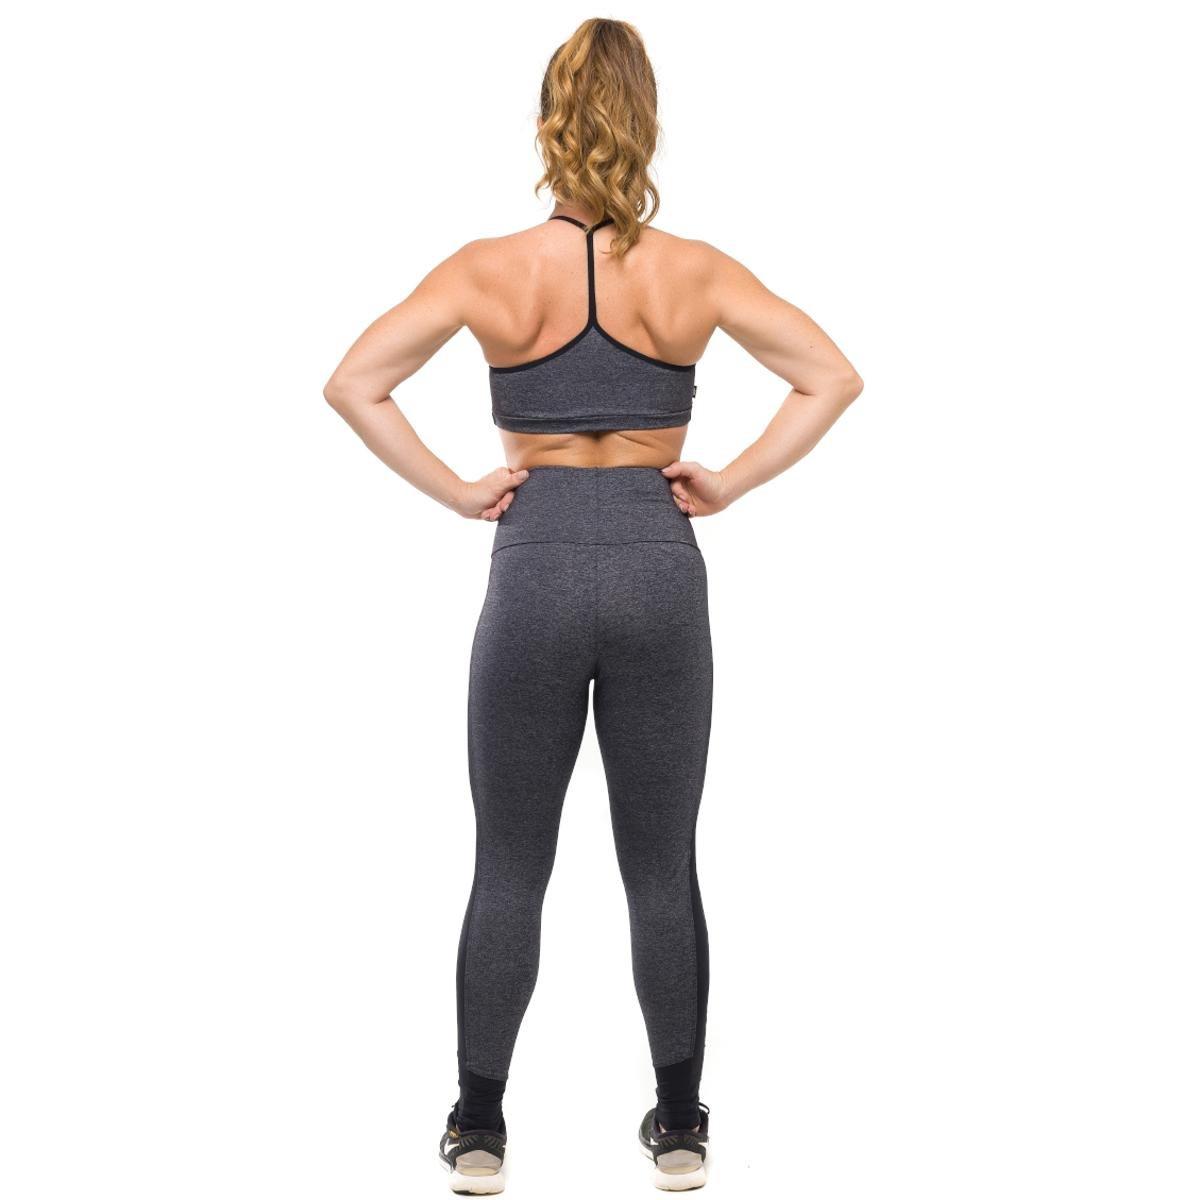 Preto Top Fit Chumbo e Conjunto Proteção Com Solar Air Sandy Legging Fitness Feminino q7qptwSR